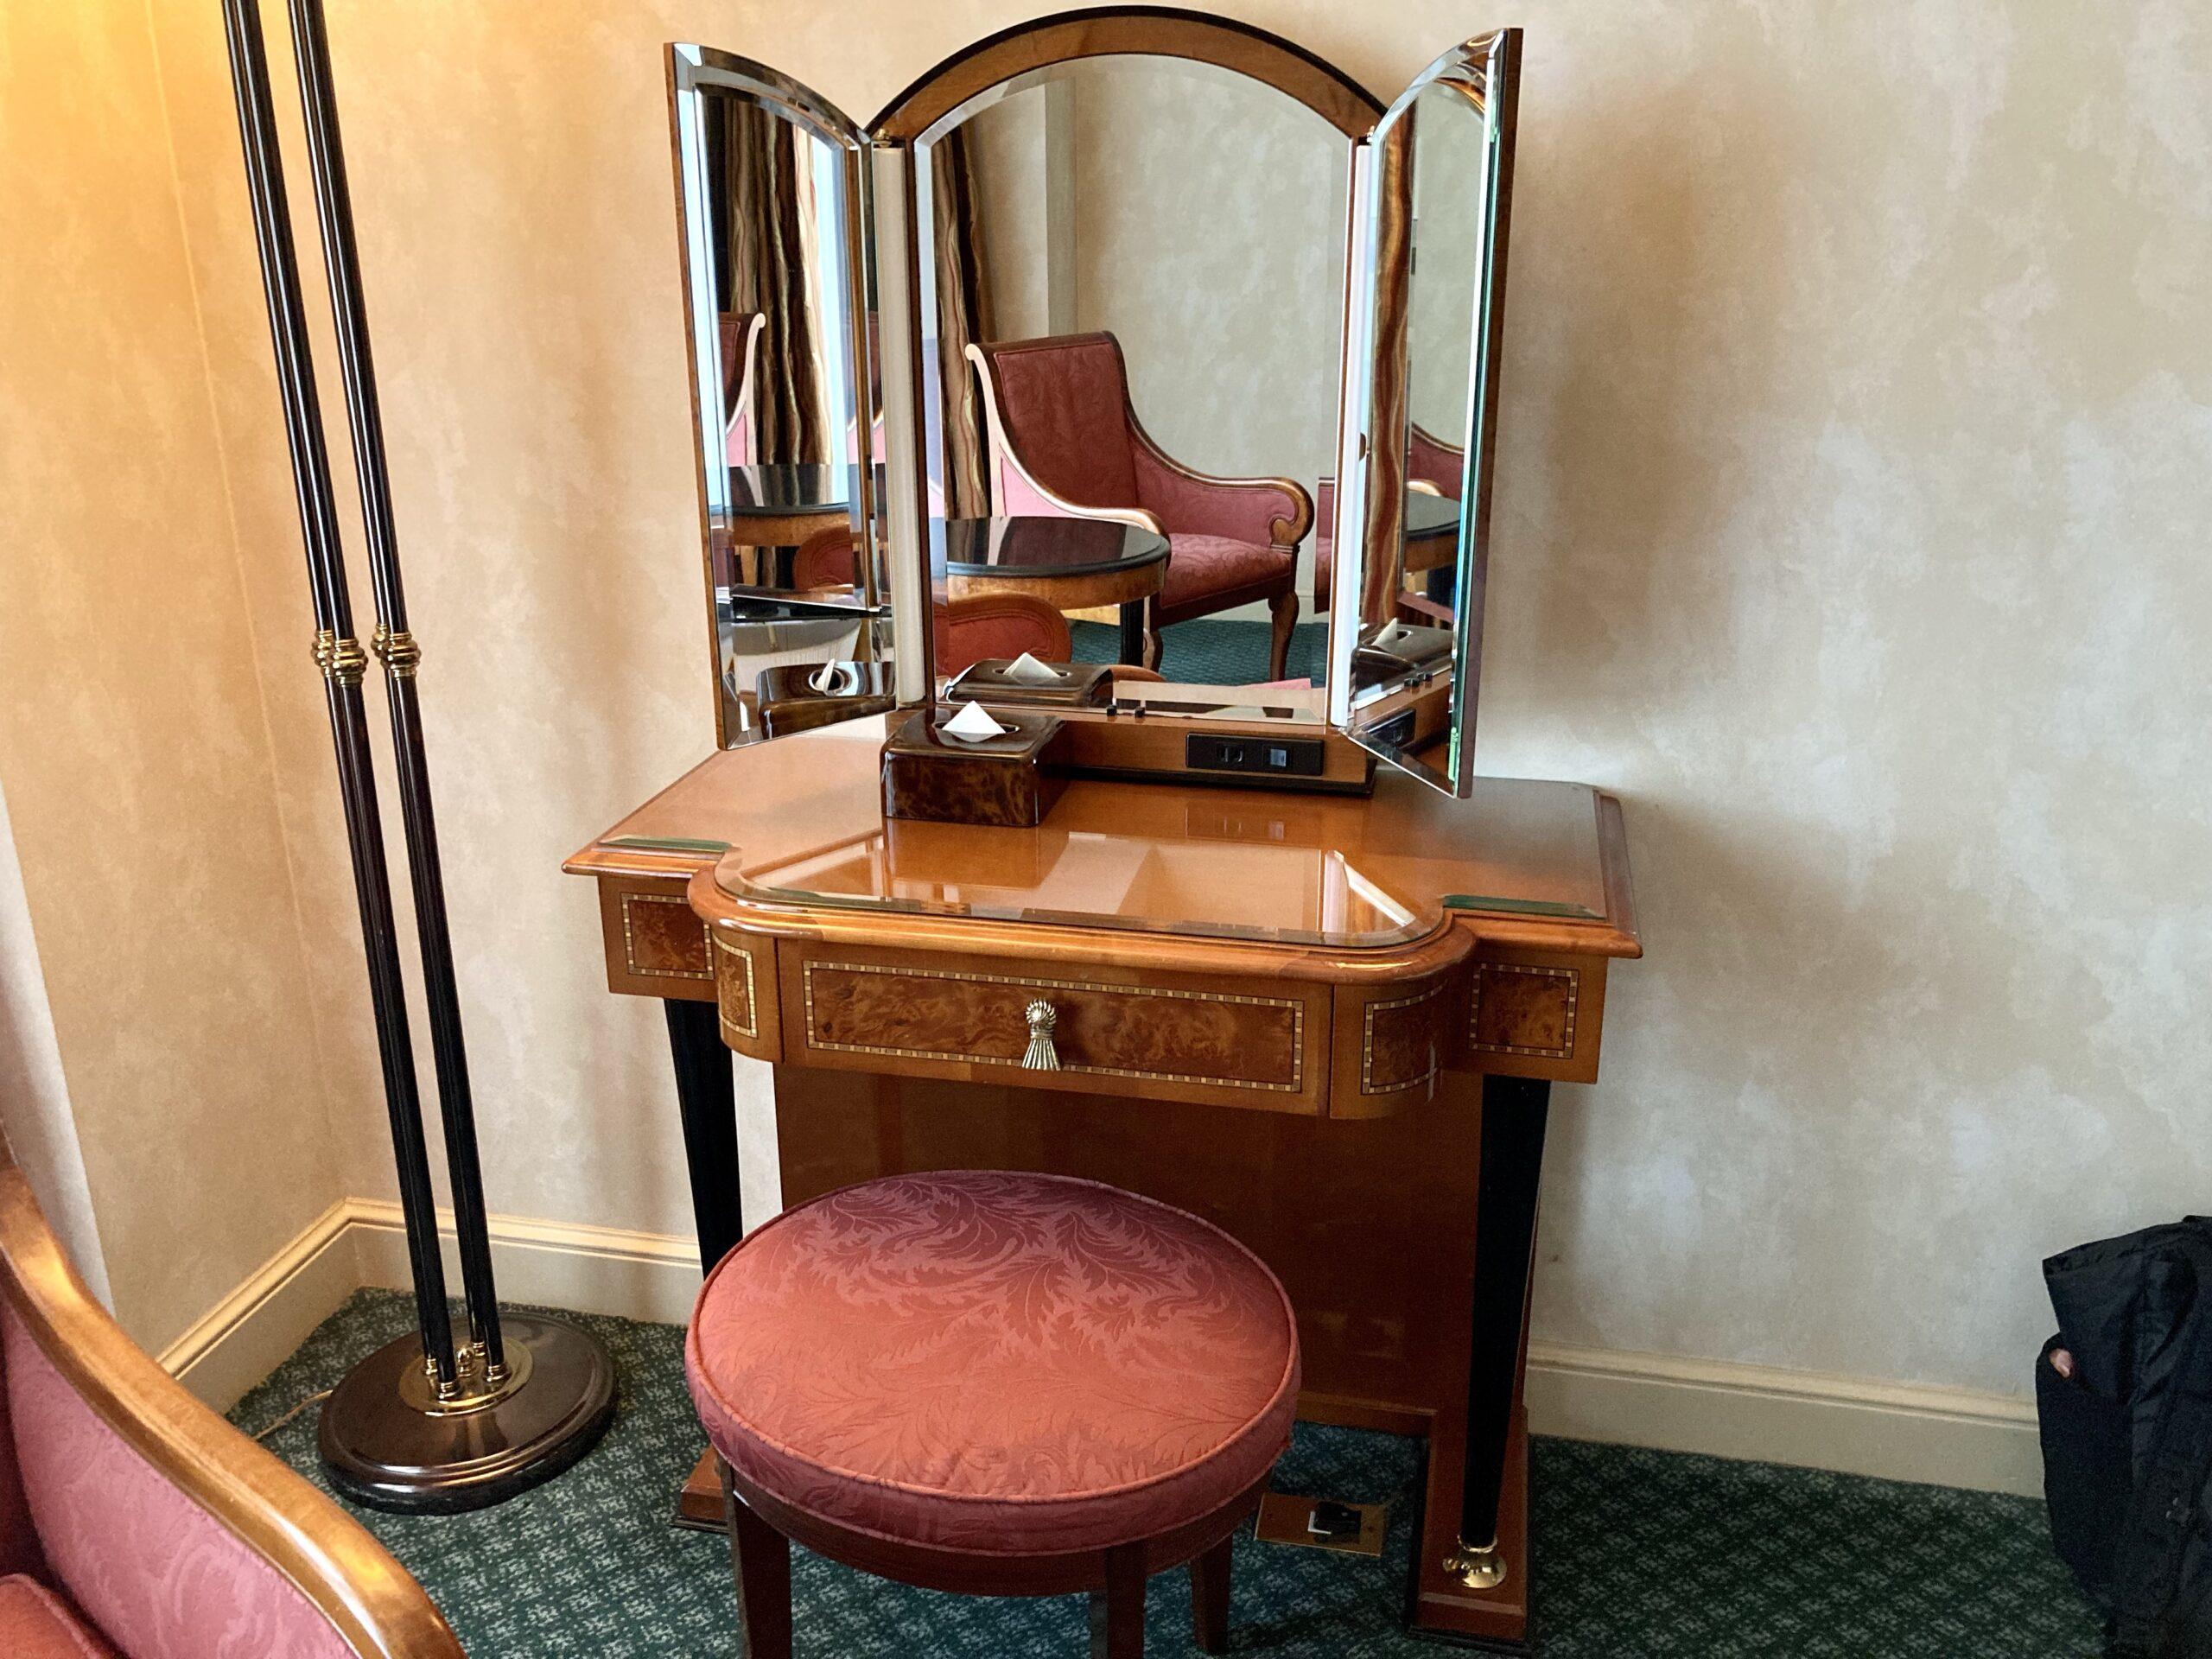 「ウェスティンホテル東京」客室のドレッサーの写真